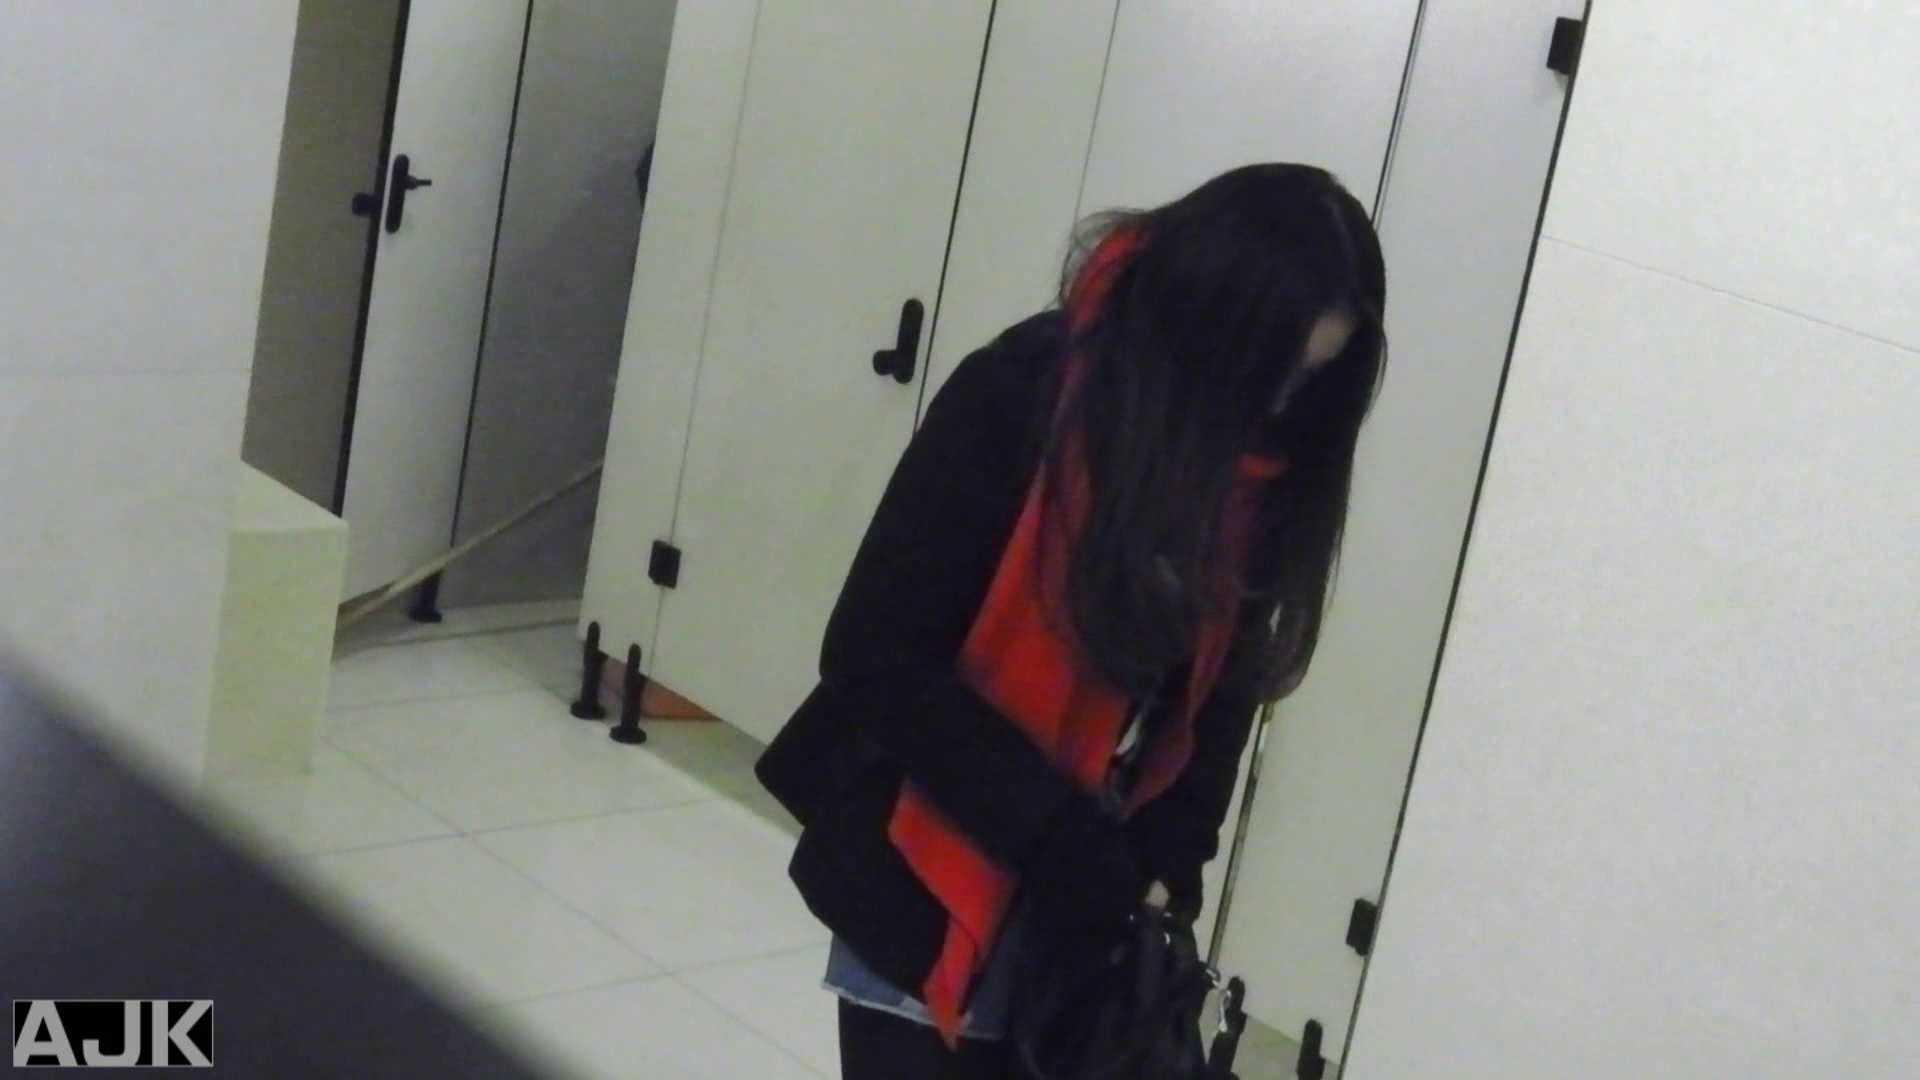 隣国上階級エリアの令嬢たちが集うデパートお手洗い Vol.06 便器 オメコ無修正動画無料 78画像 19